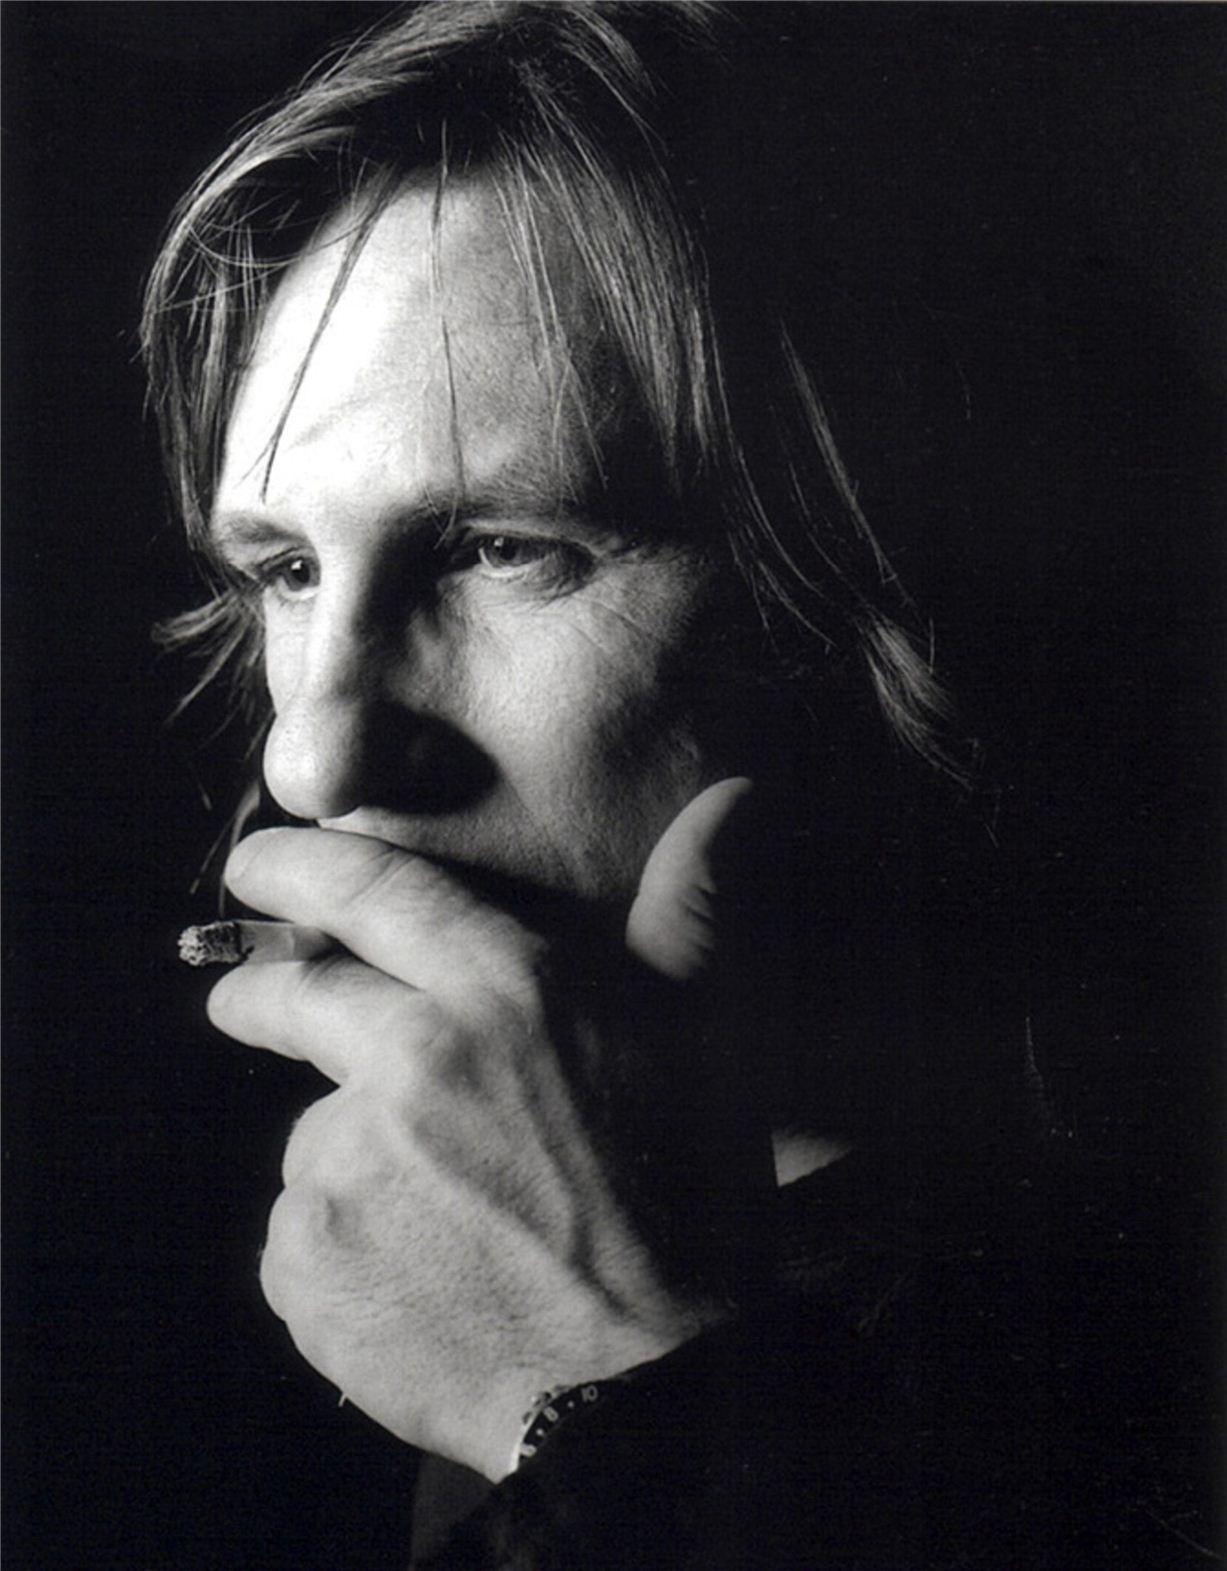 Gerard Depardieu / Жерар Депардье - портрет фотографа Грега Гормана / Greg Gorman